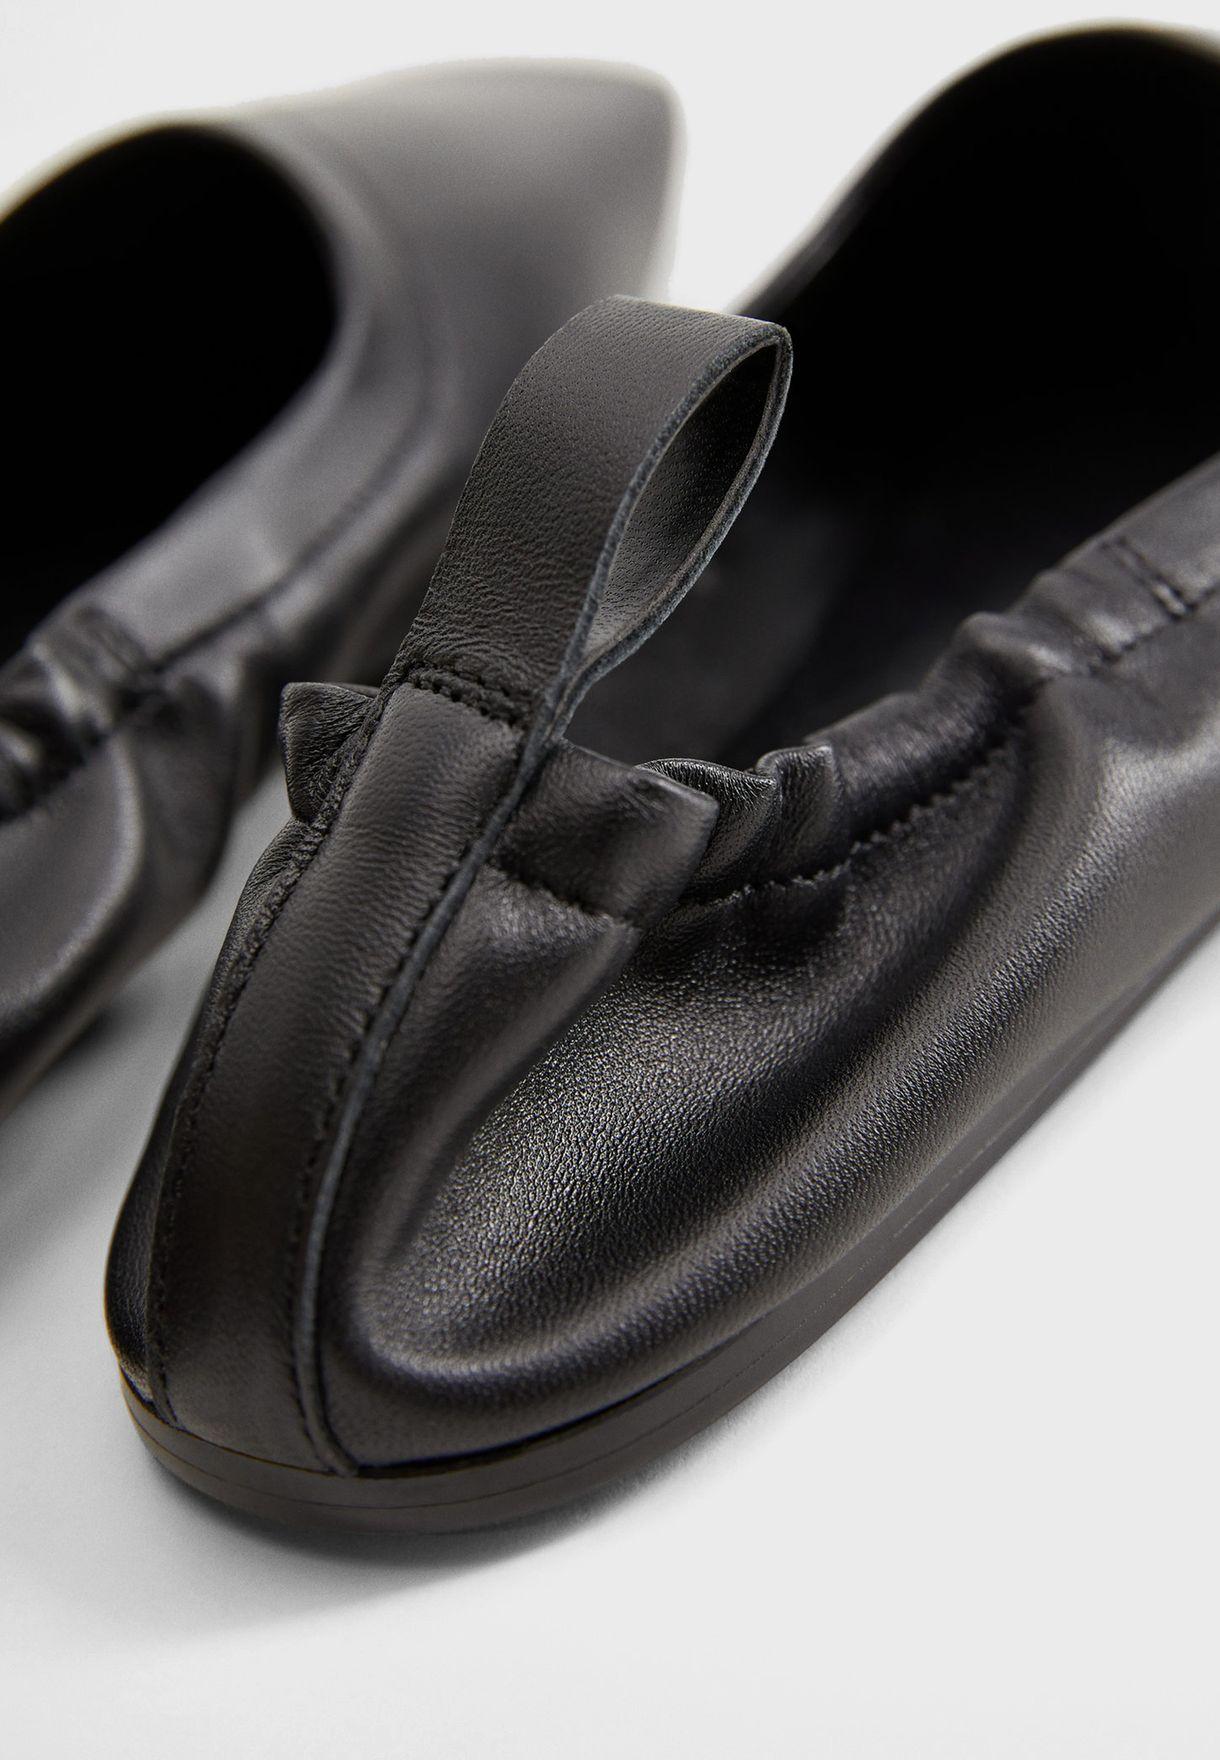 حذاء من مجموعة كوميتيد